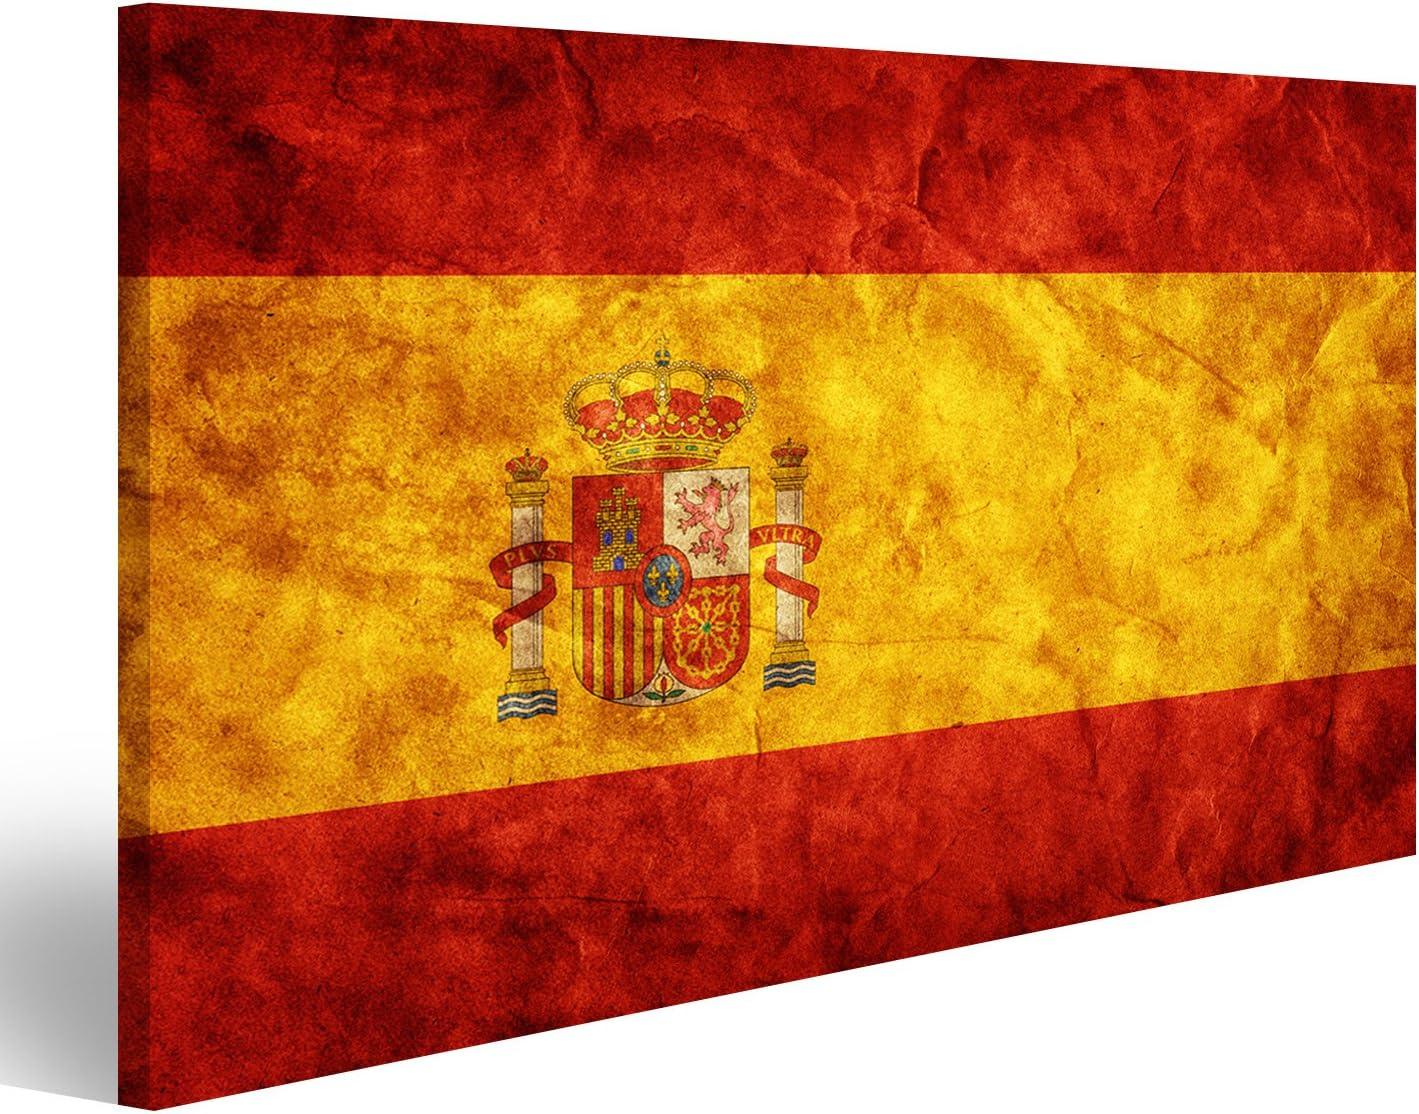 Cuadro Cuadros España Bandera del Grunge, Época de Estilo Retro. Alta resolución, Calidad de Alta definición. artículo Impresión sobre Lienzo - Formato Grande - Cuadros Modernos DJE